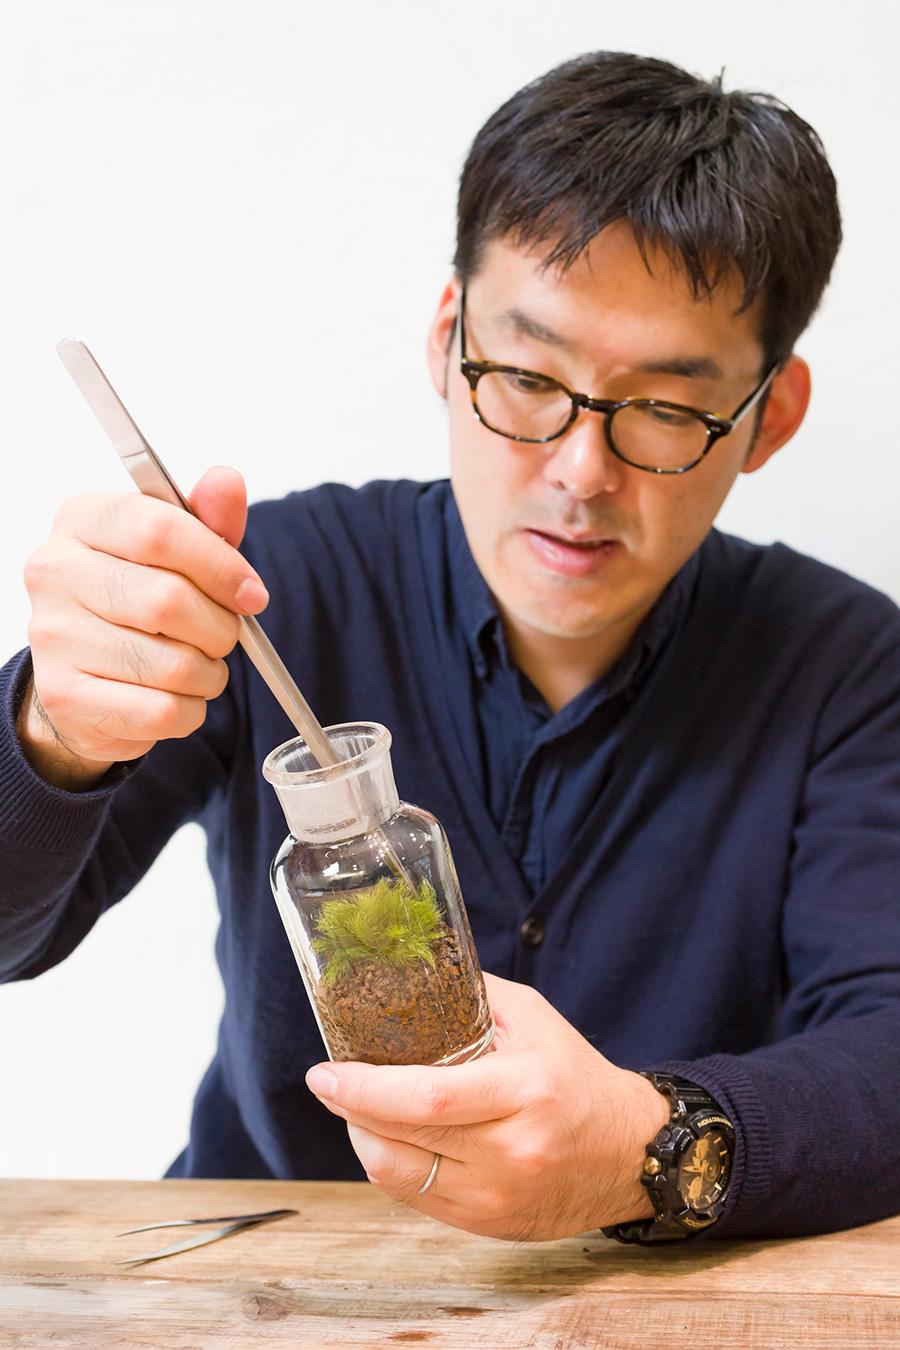 川本毅さん。趣味でテラリウムを作るうちに、苔のテラリウムのプロになってしまったそう。